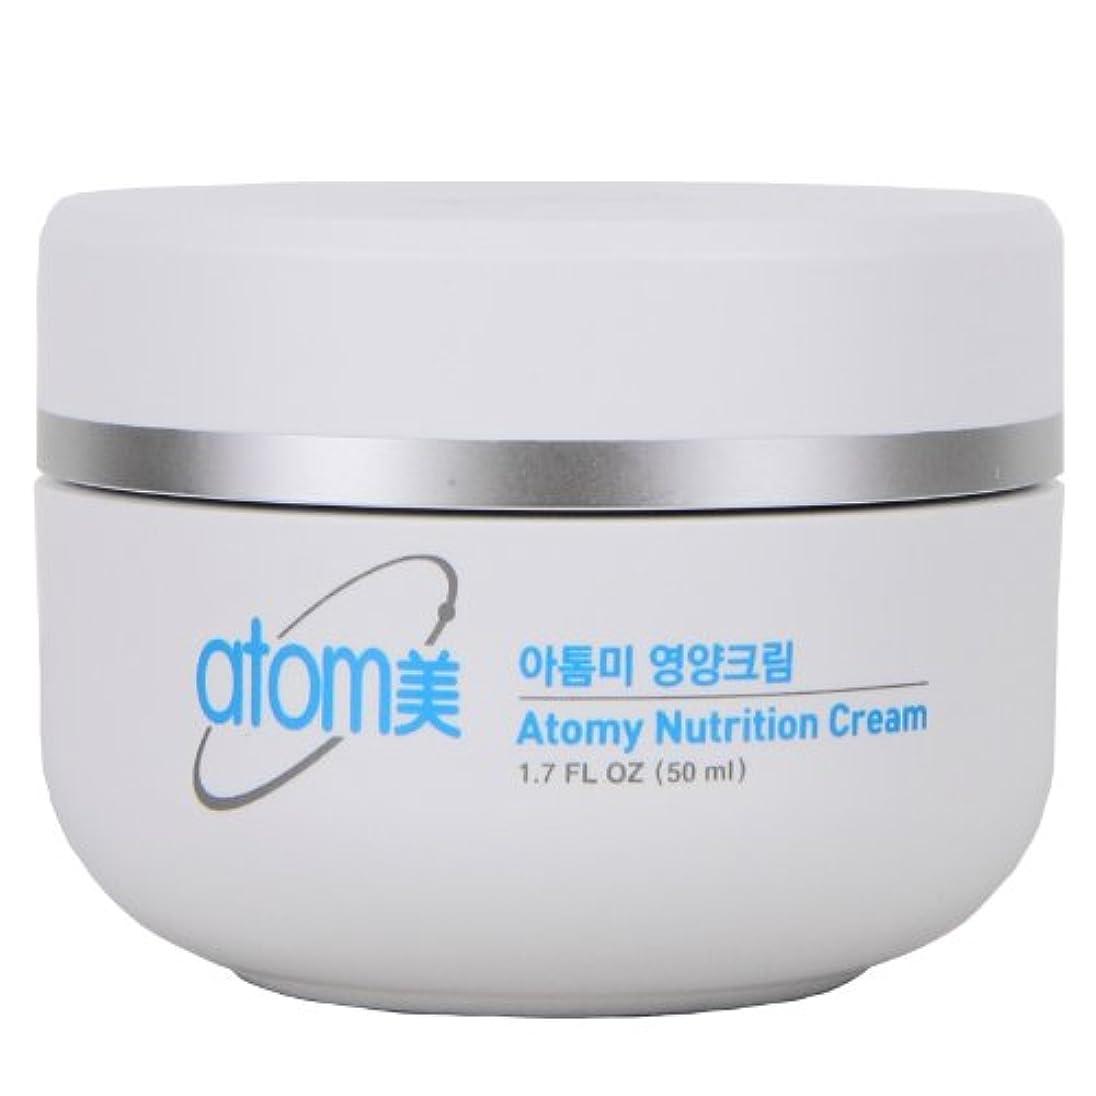 余計な驚いたことに薄める韓国コスメ Atom美 アトミ クリーム ■ナチュラルコスメ